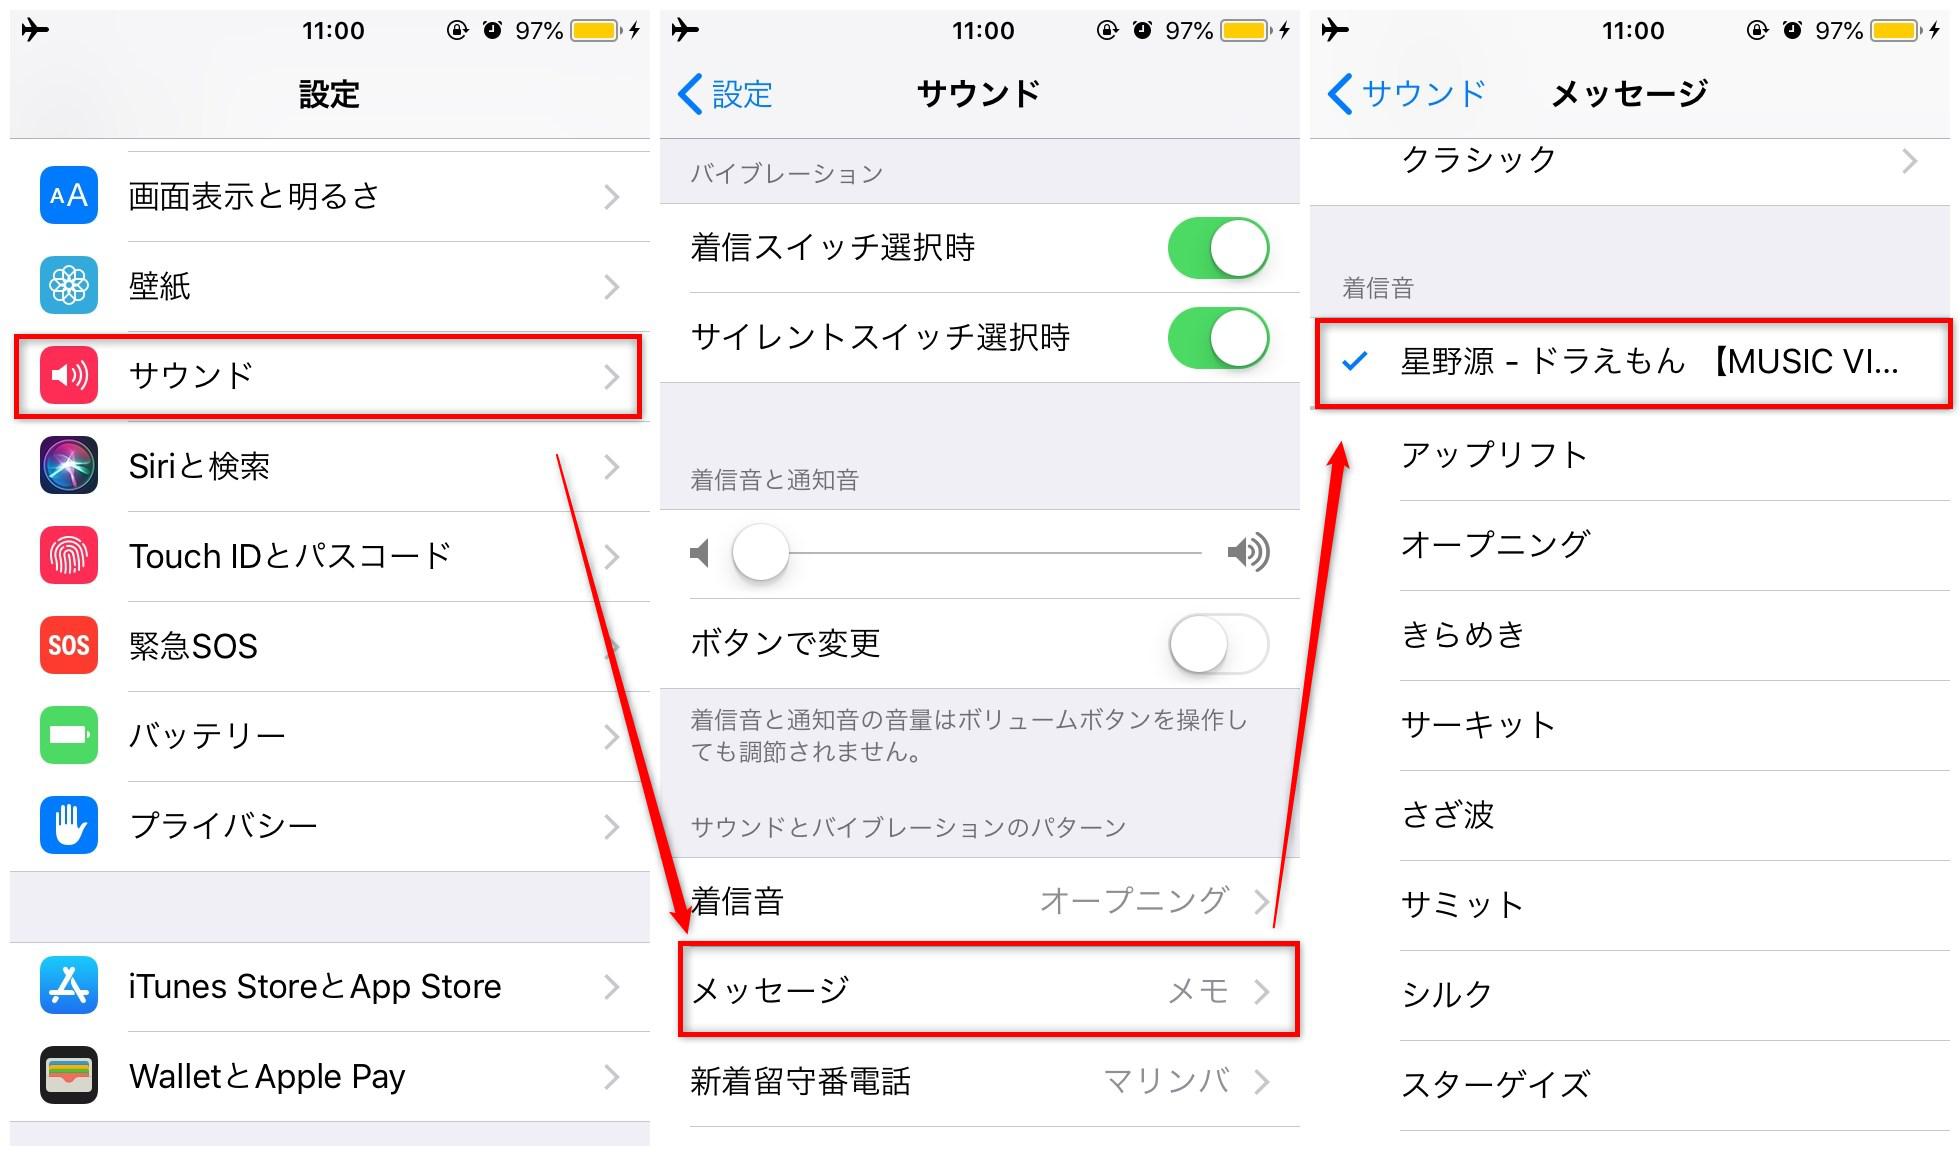 好きな音をiPhoneのメッセージ通知音に作成する - 8